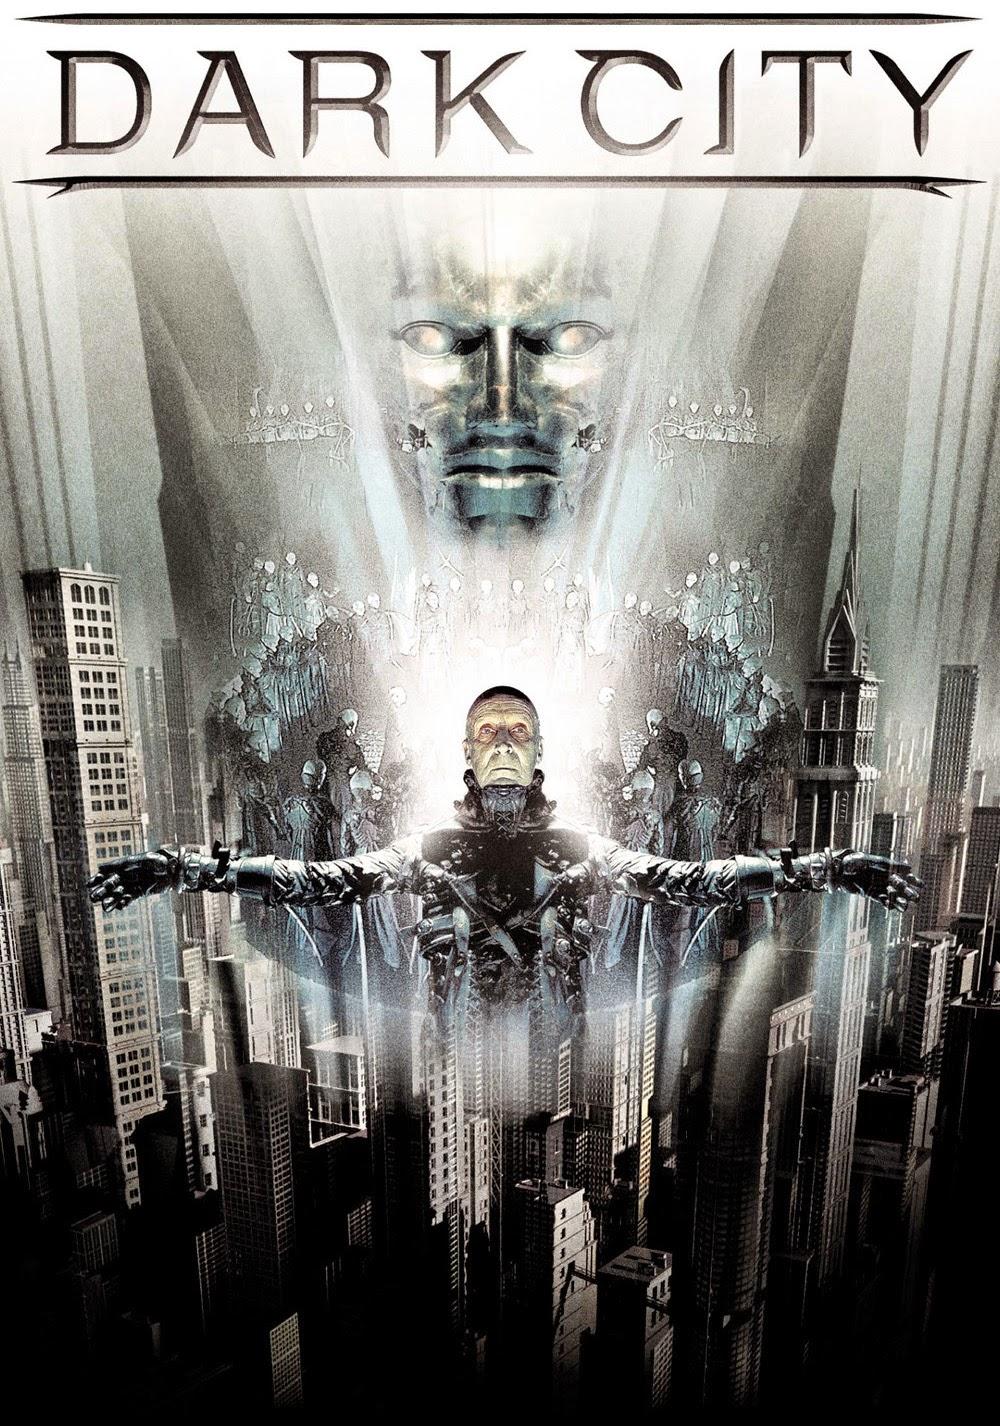 Dark City เมืองเปลี่ยนสมอง มนุษย์ผิดคน [HD][พากย์ไทย]